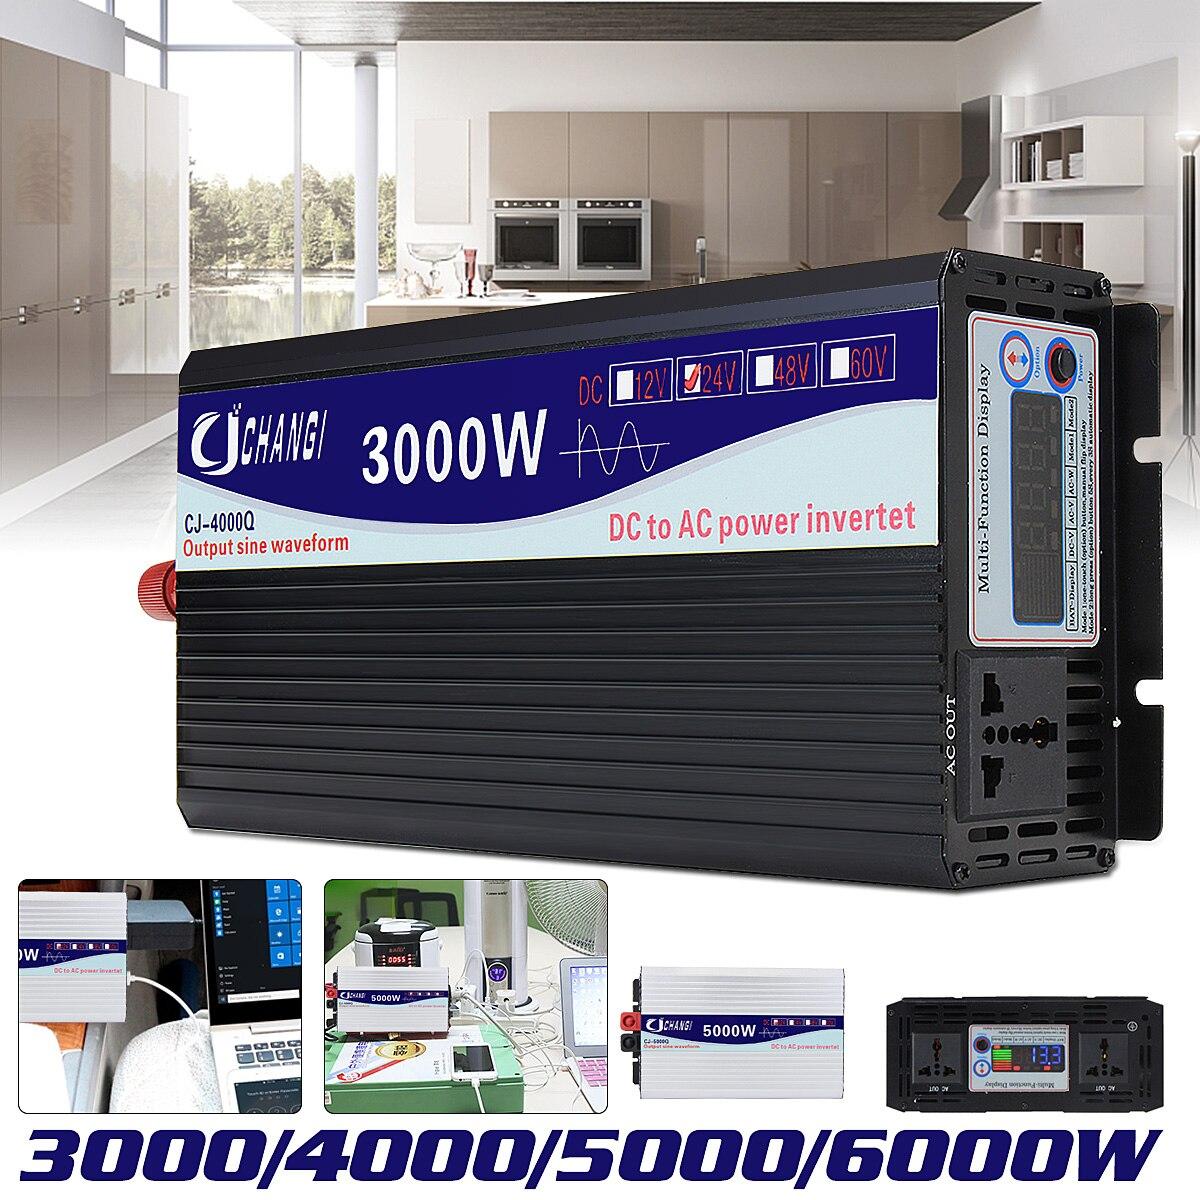 3000/4000/5000/6000 w Portable 24 v à AC 220 v Puissance Onduleur Solaire Sinusoïdale Pure vague Convertisseur Adaptateur LCD Écran 93% Conversion